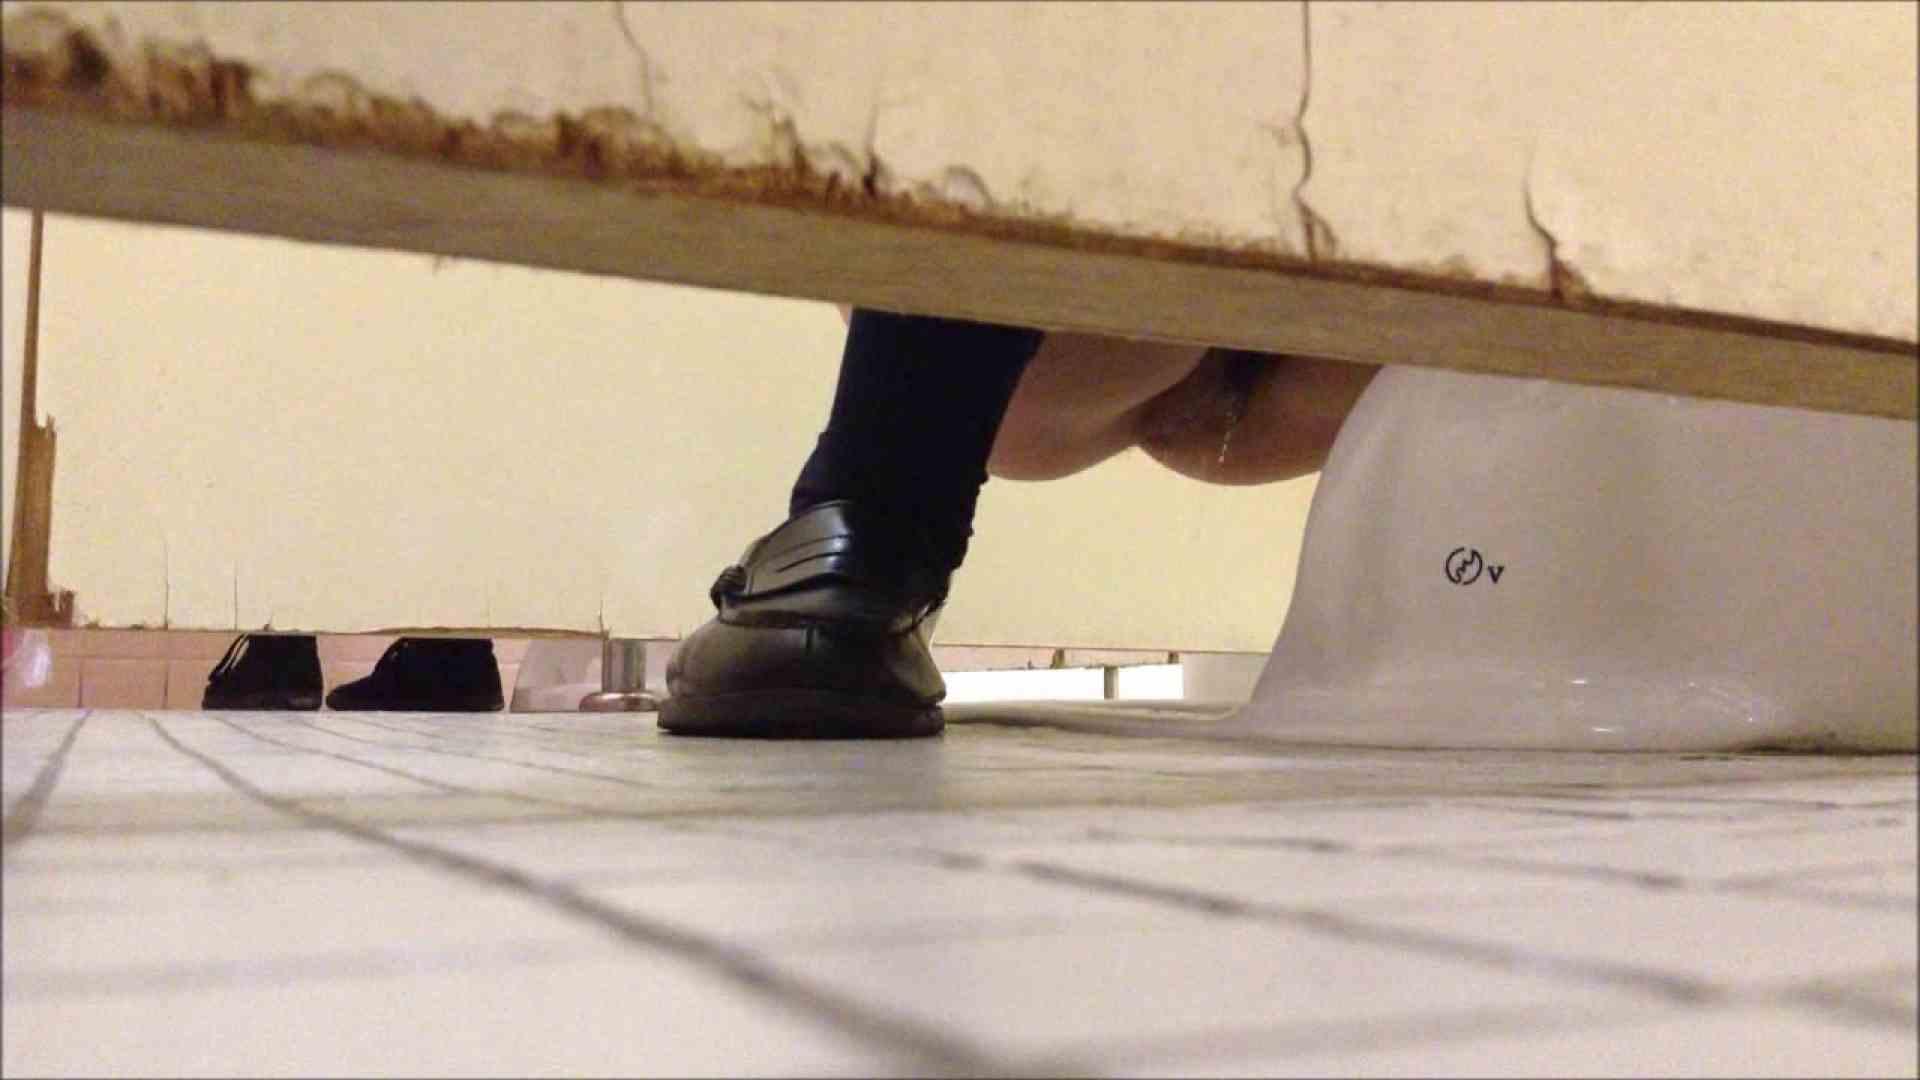 某有名大学女性洗面所 vol.01 和式 | OLのエロ生活  43連発 25